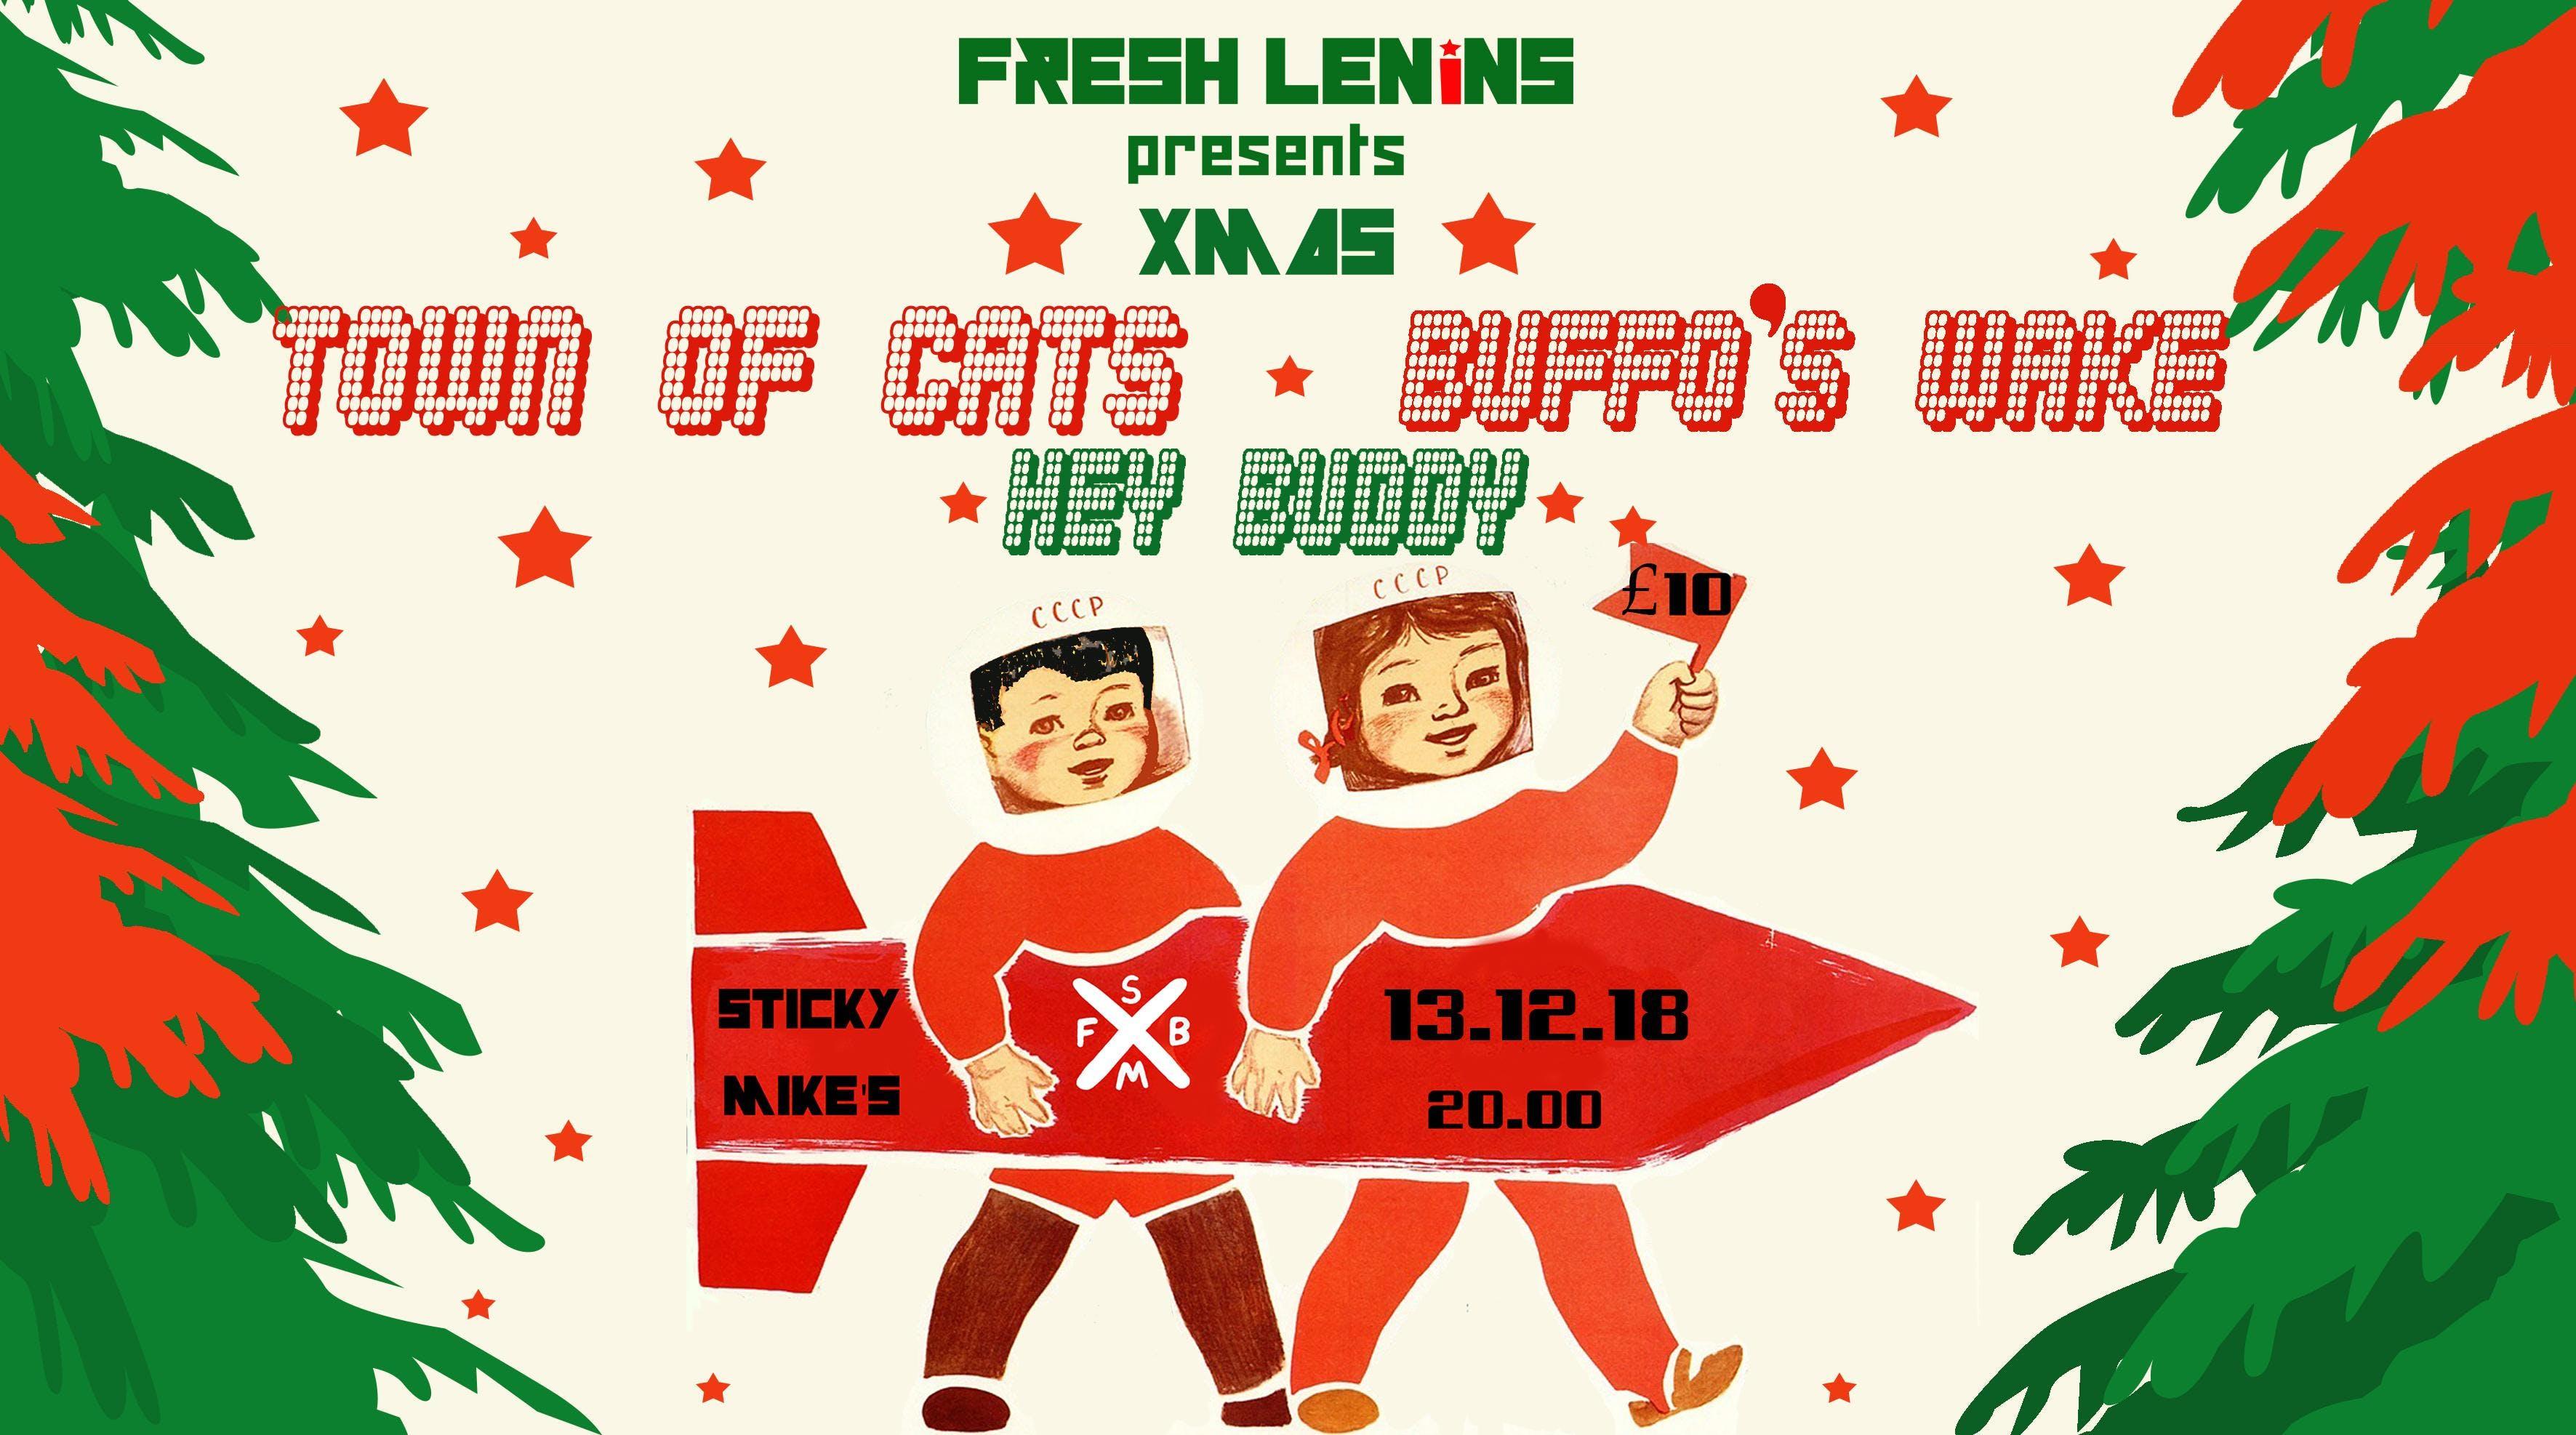 Fresh Lenins presents XMAS